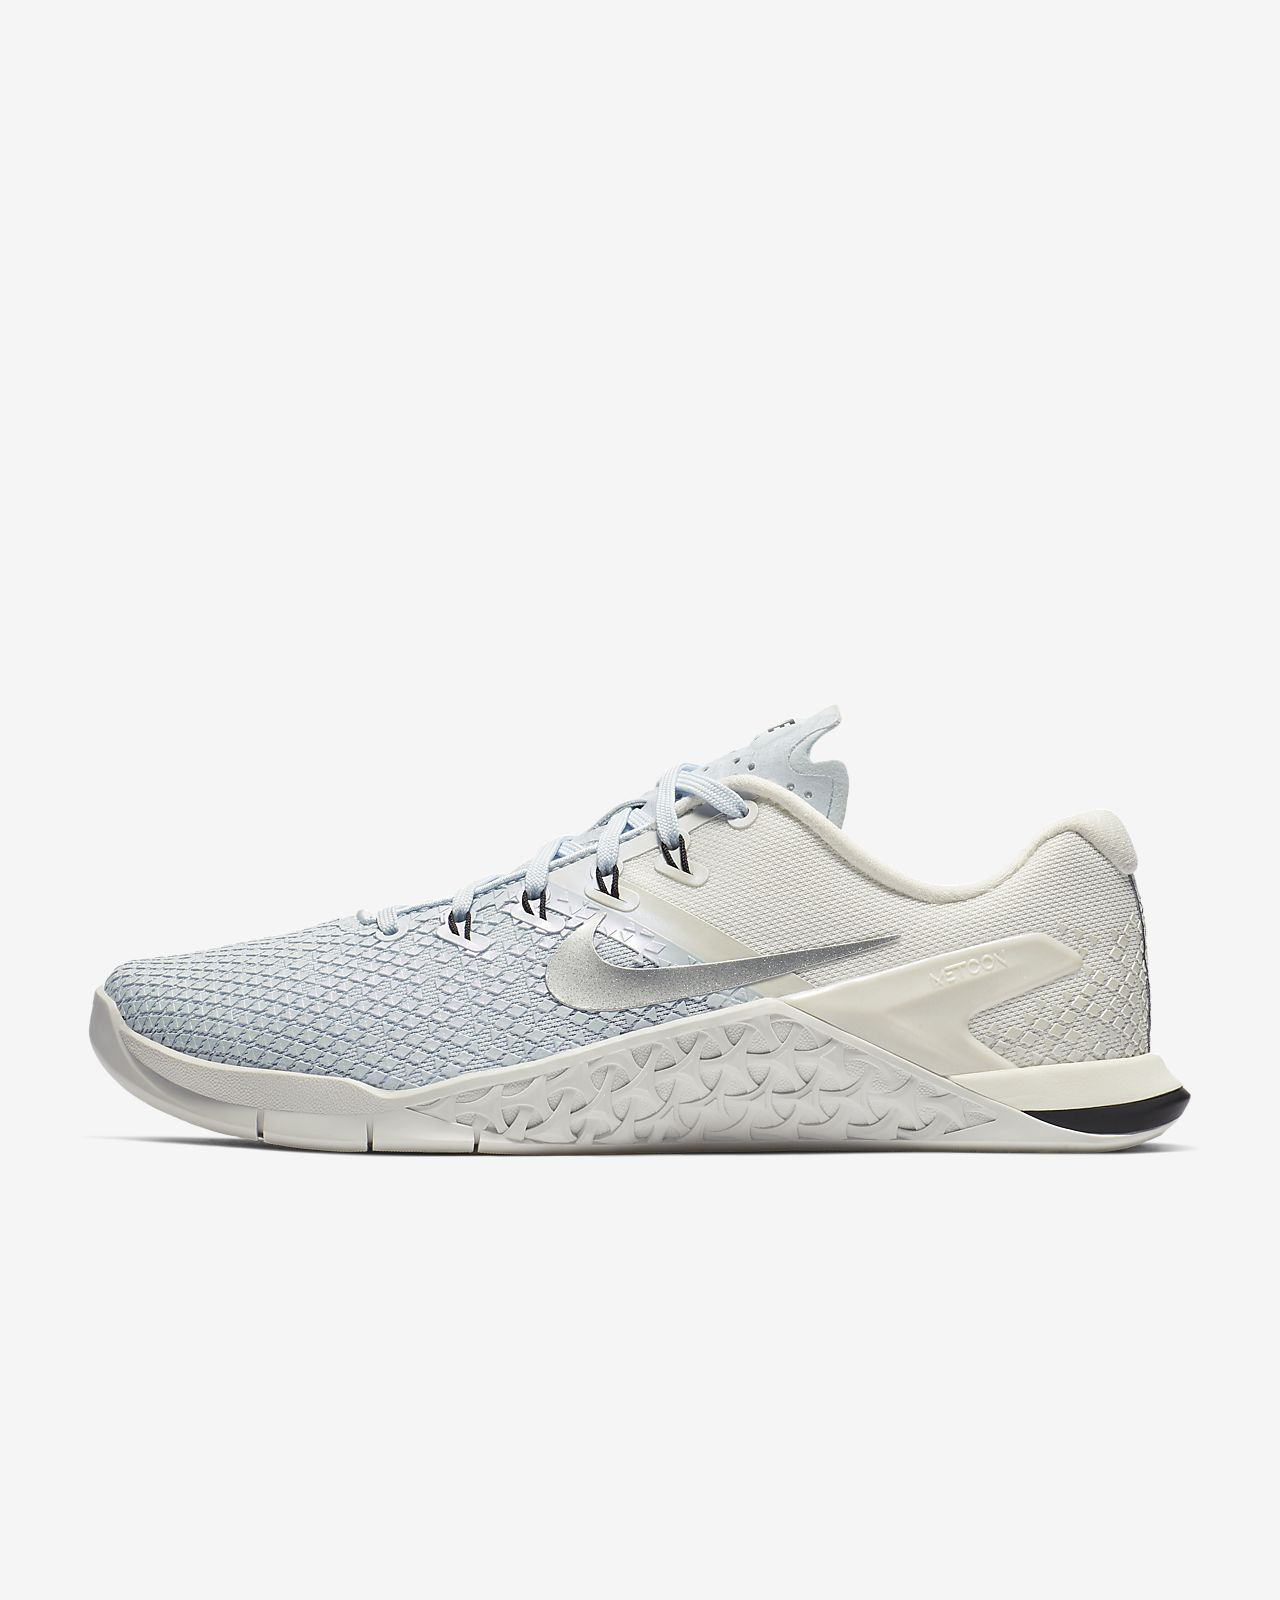 90e76d0a15718 ... Nike Metcon 4 XD Metallic Zapatillas de cross training y levantamiento  de pesas - Mujer